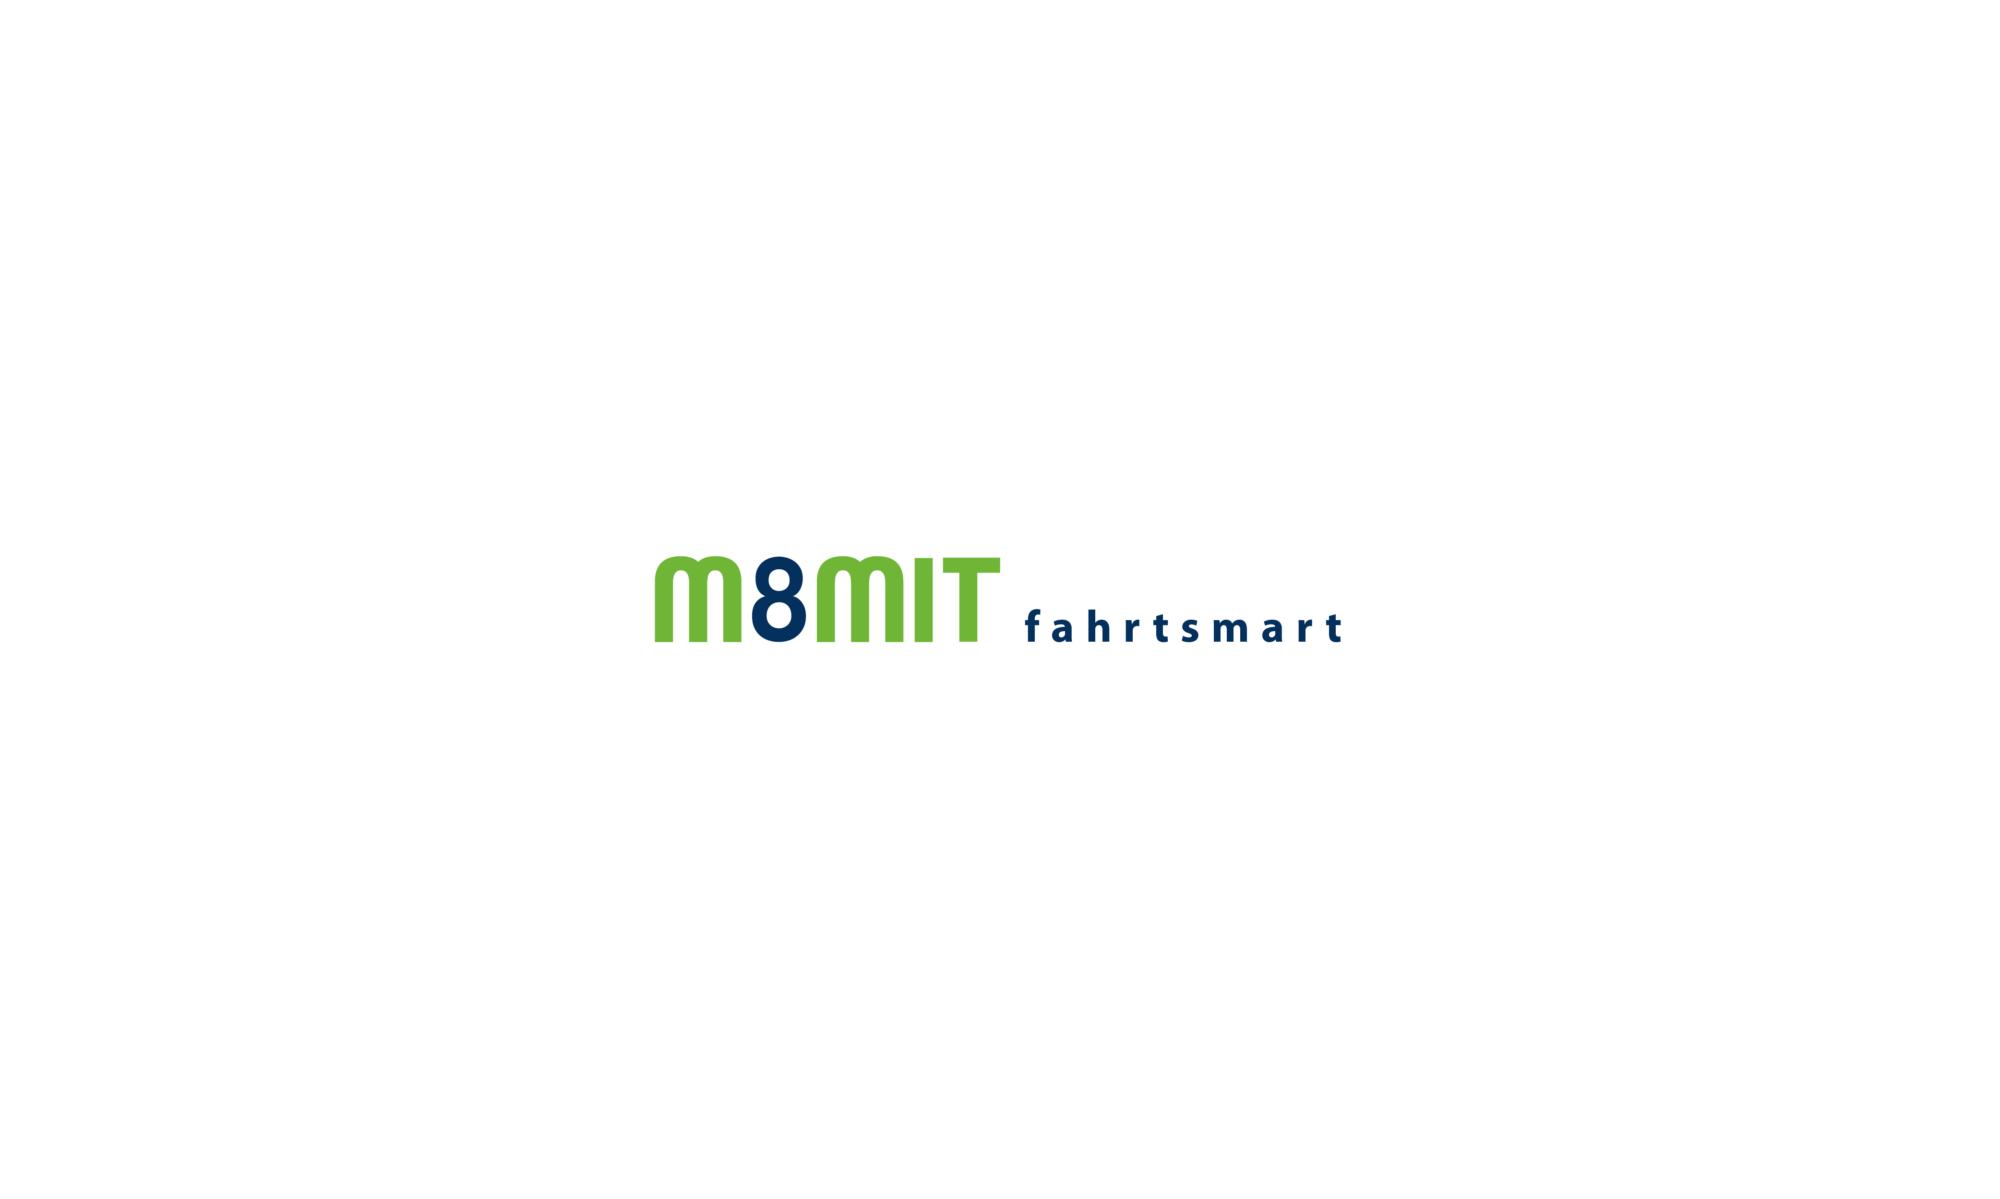 m8mit